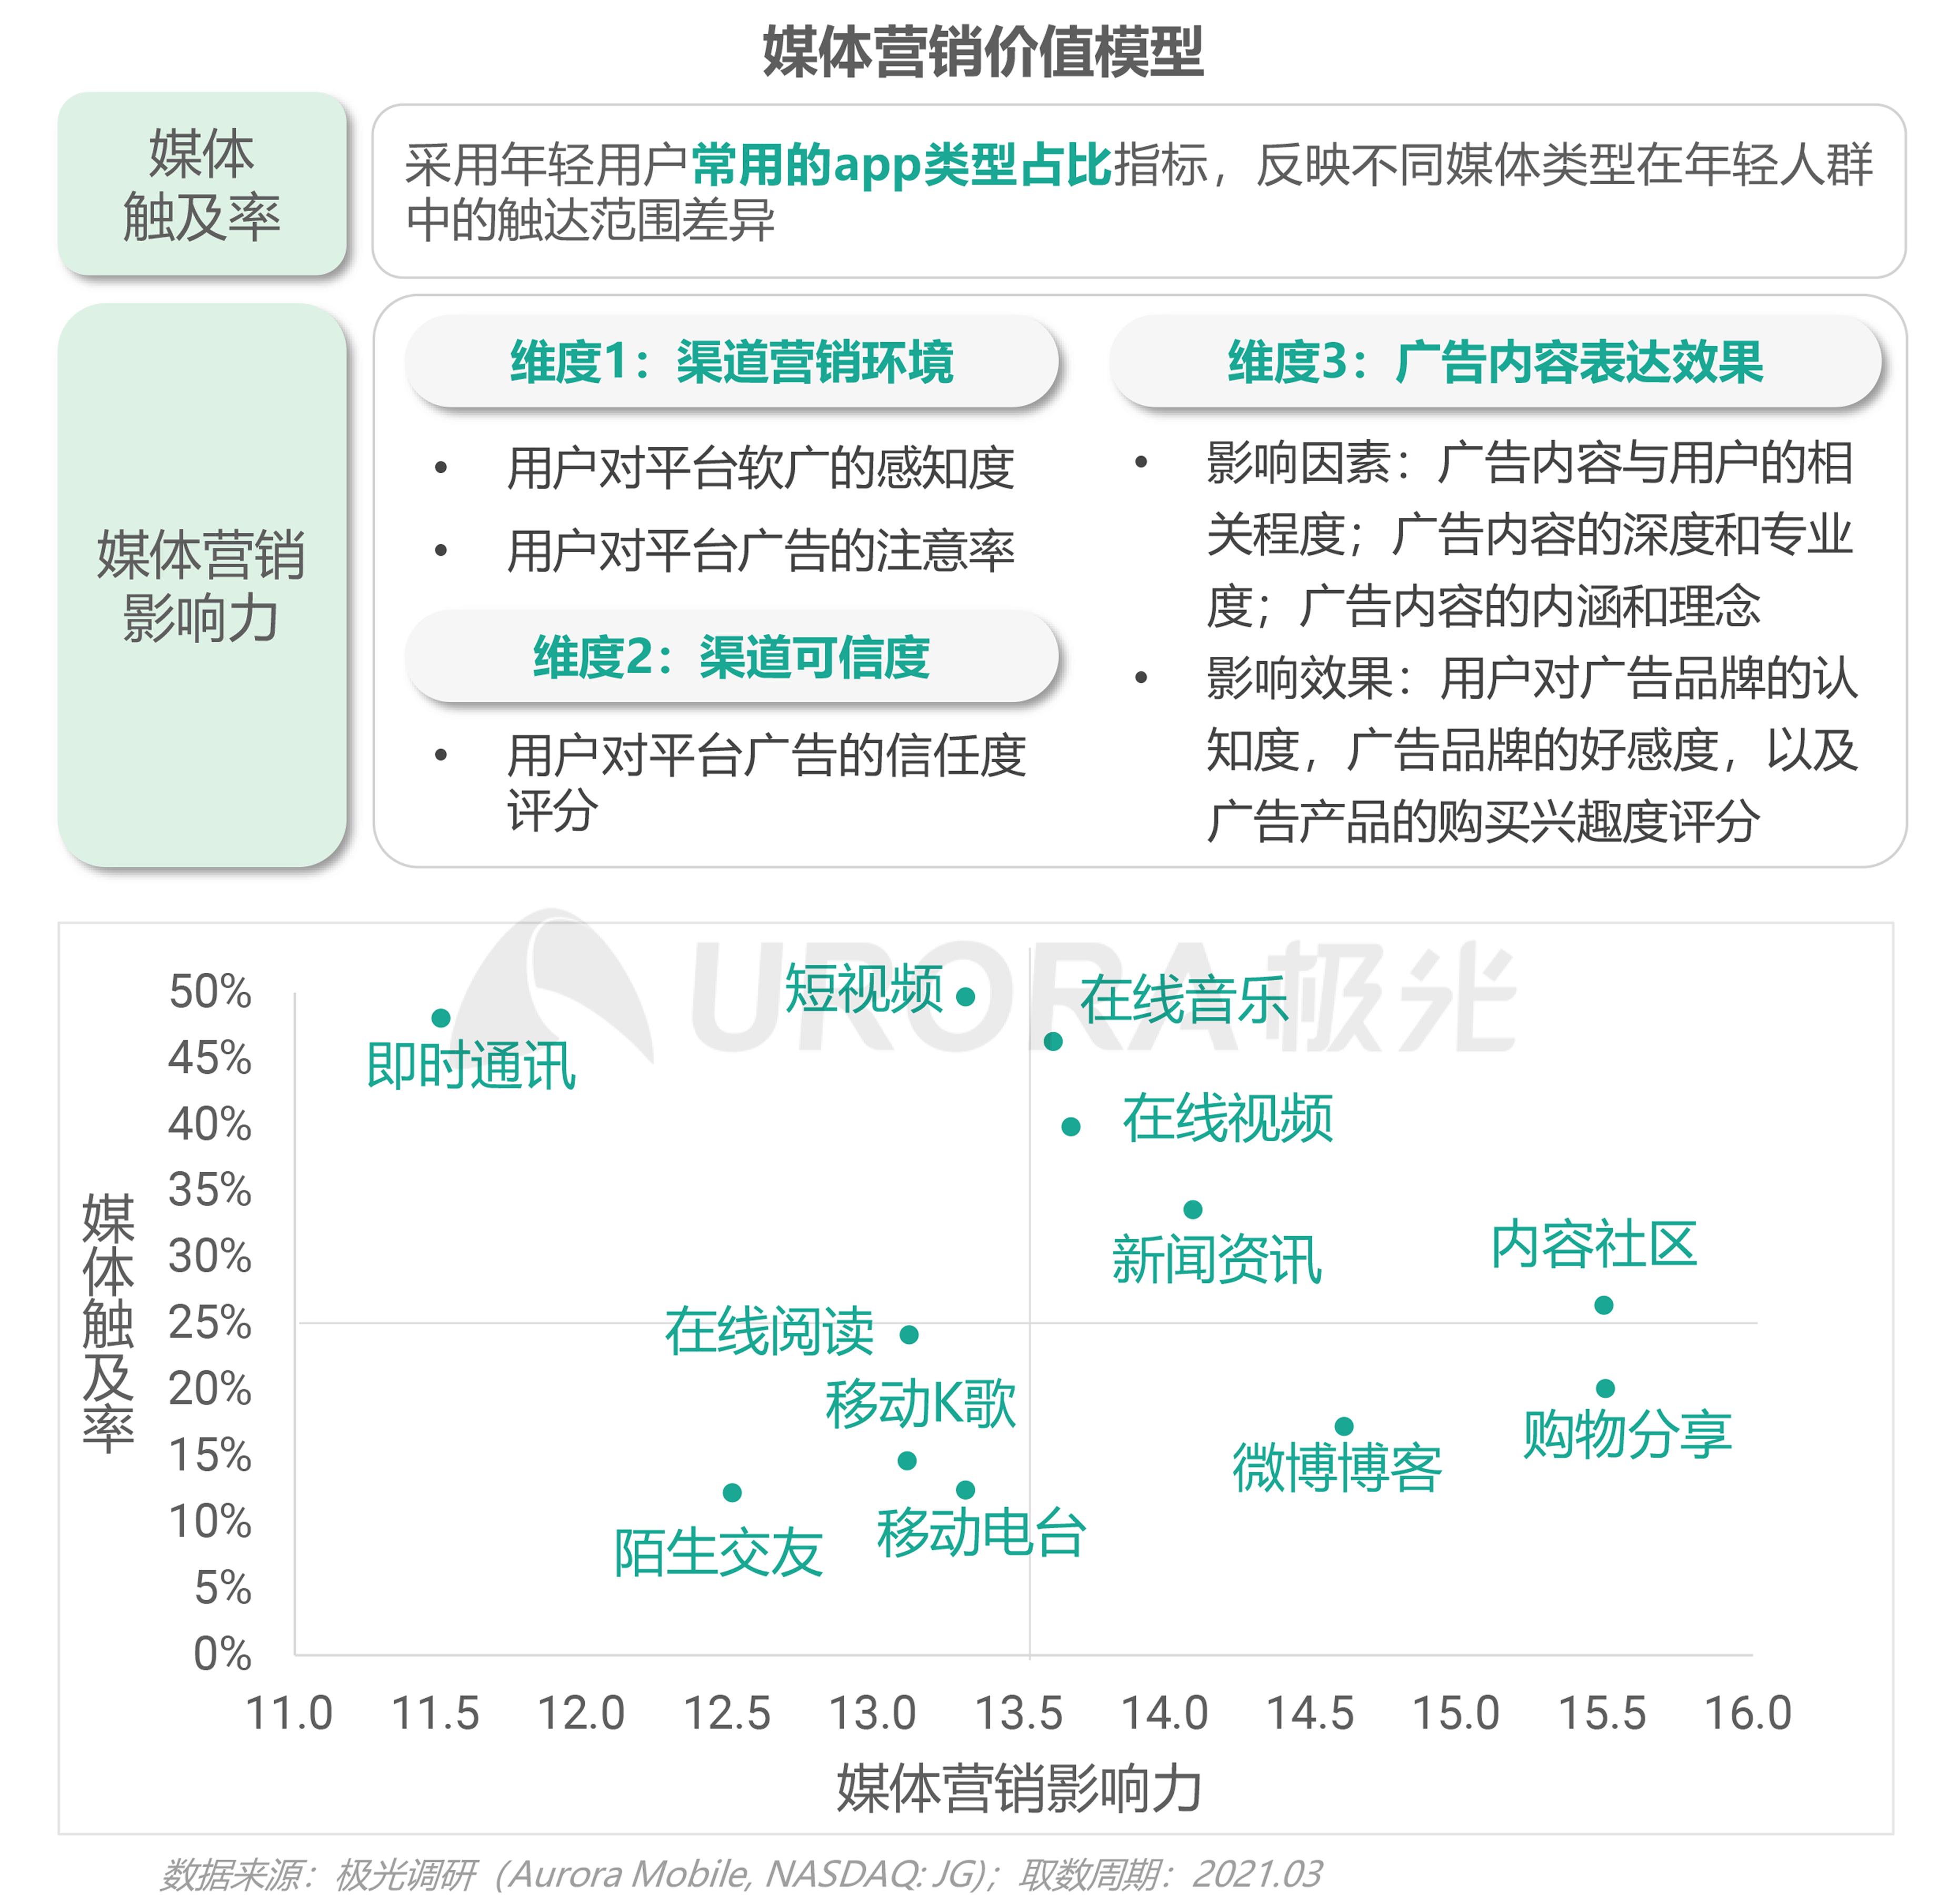 2021年轻人营销趋势研究报告【定稿】-36.png